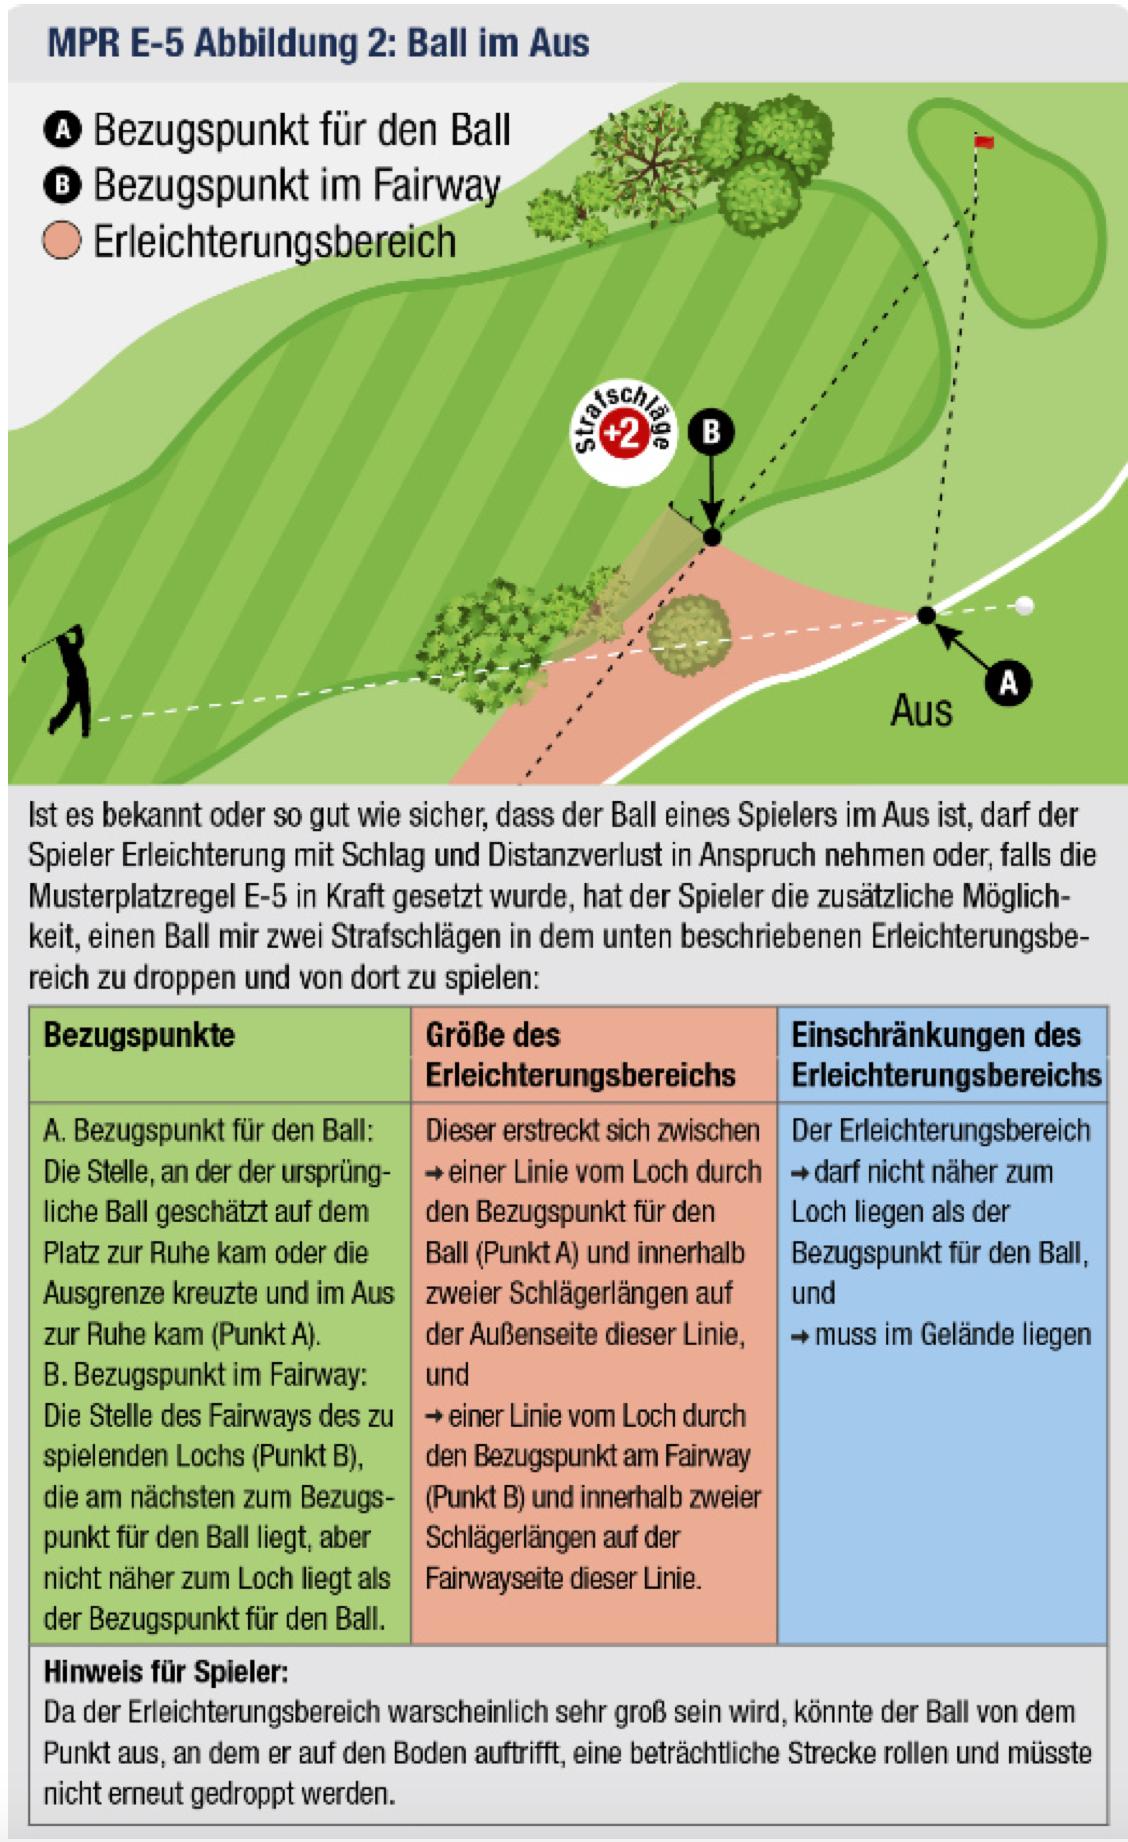 Ball im Aus - Alternative zu Schlag und Distanzverlust